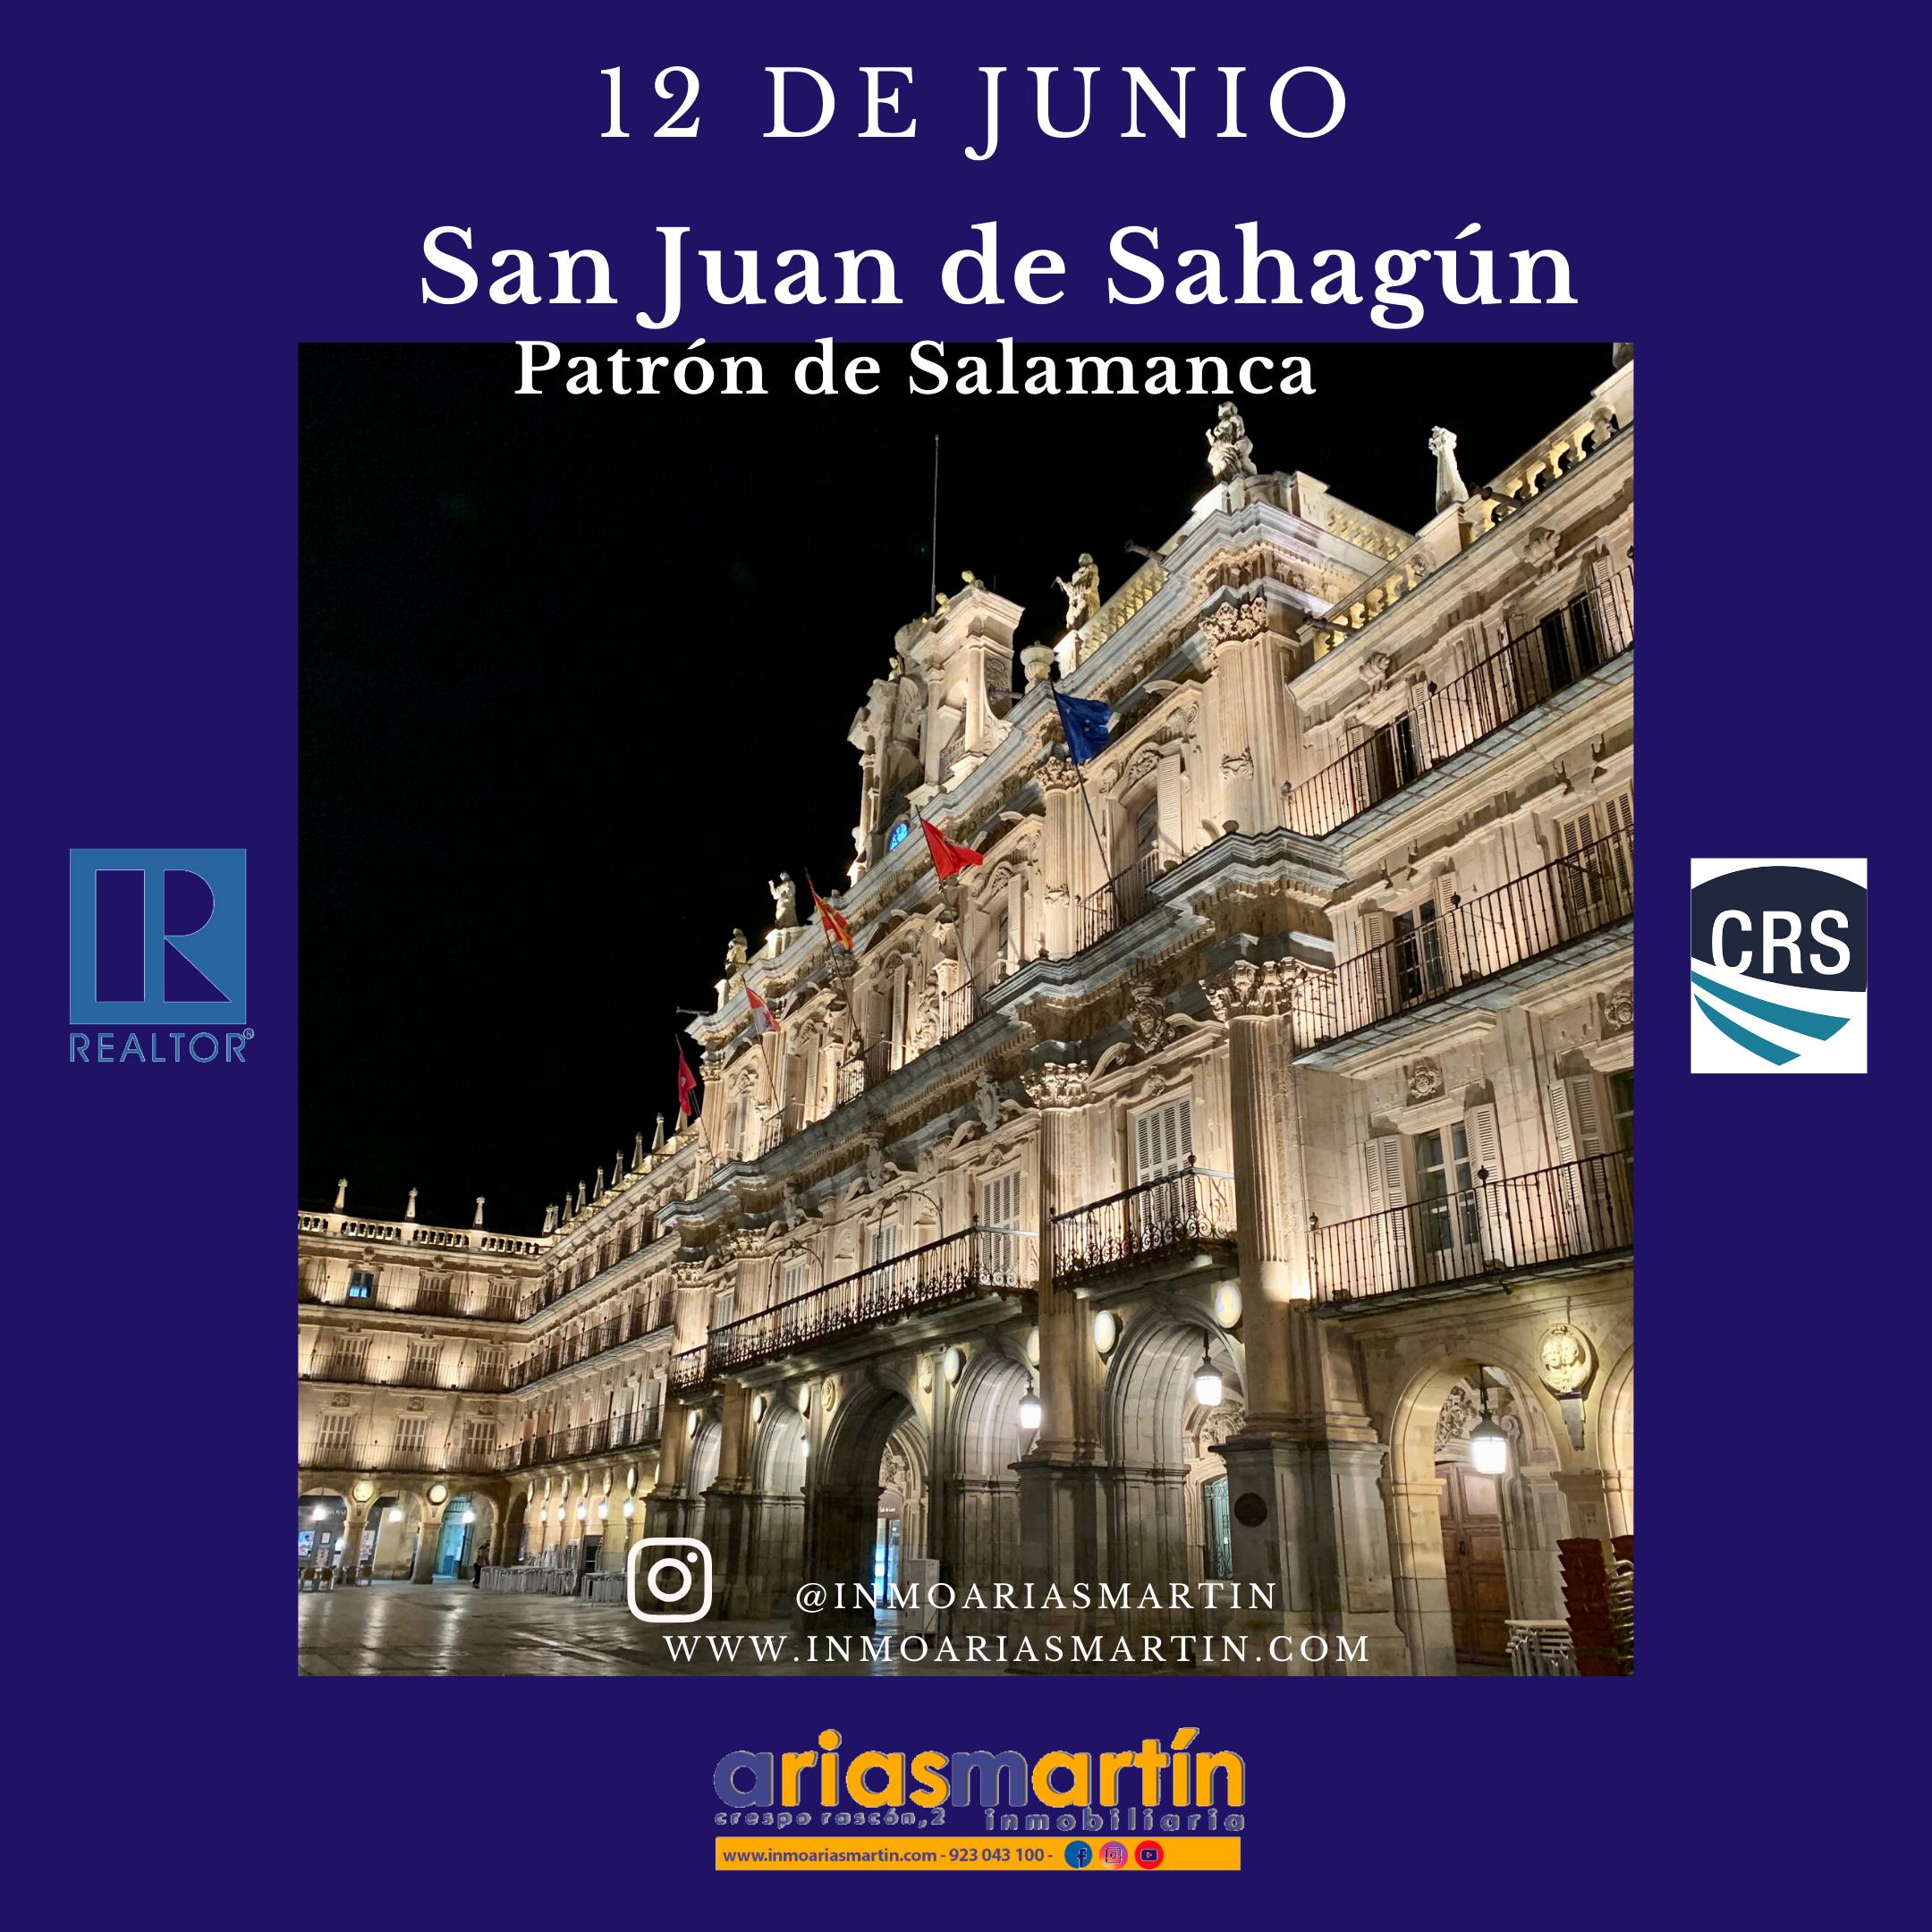 San Juan de Sahagún, patrón de Salamanca